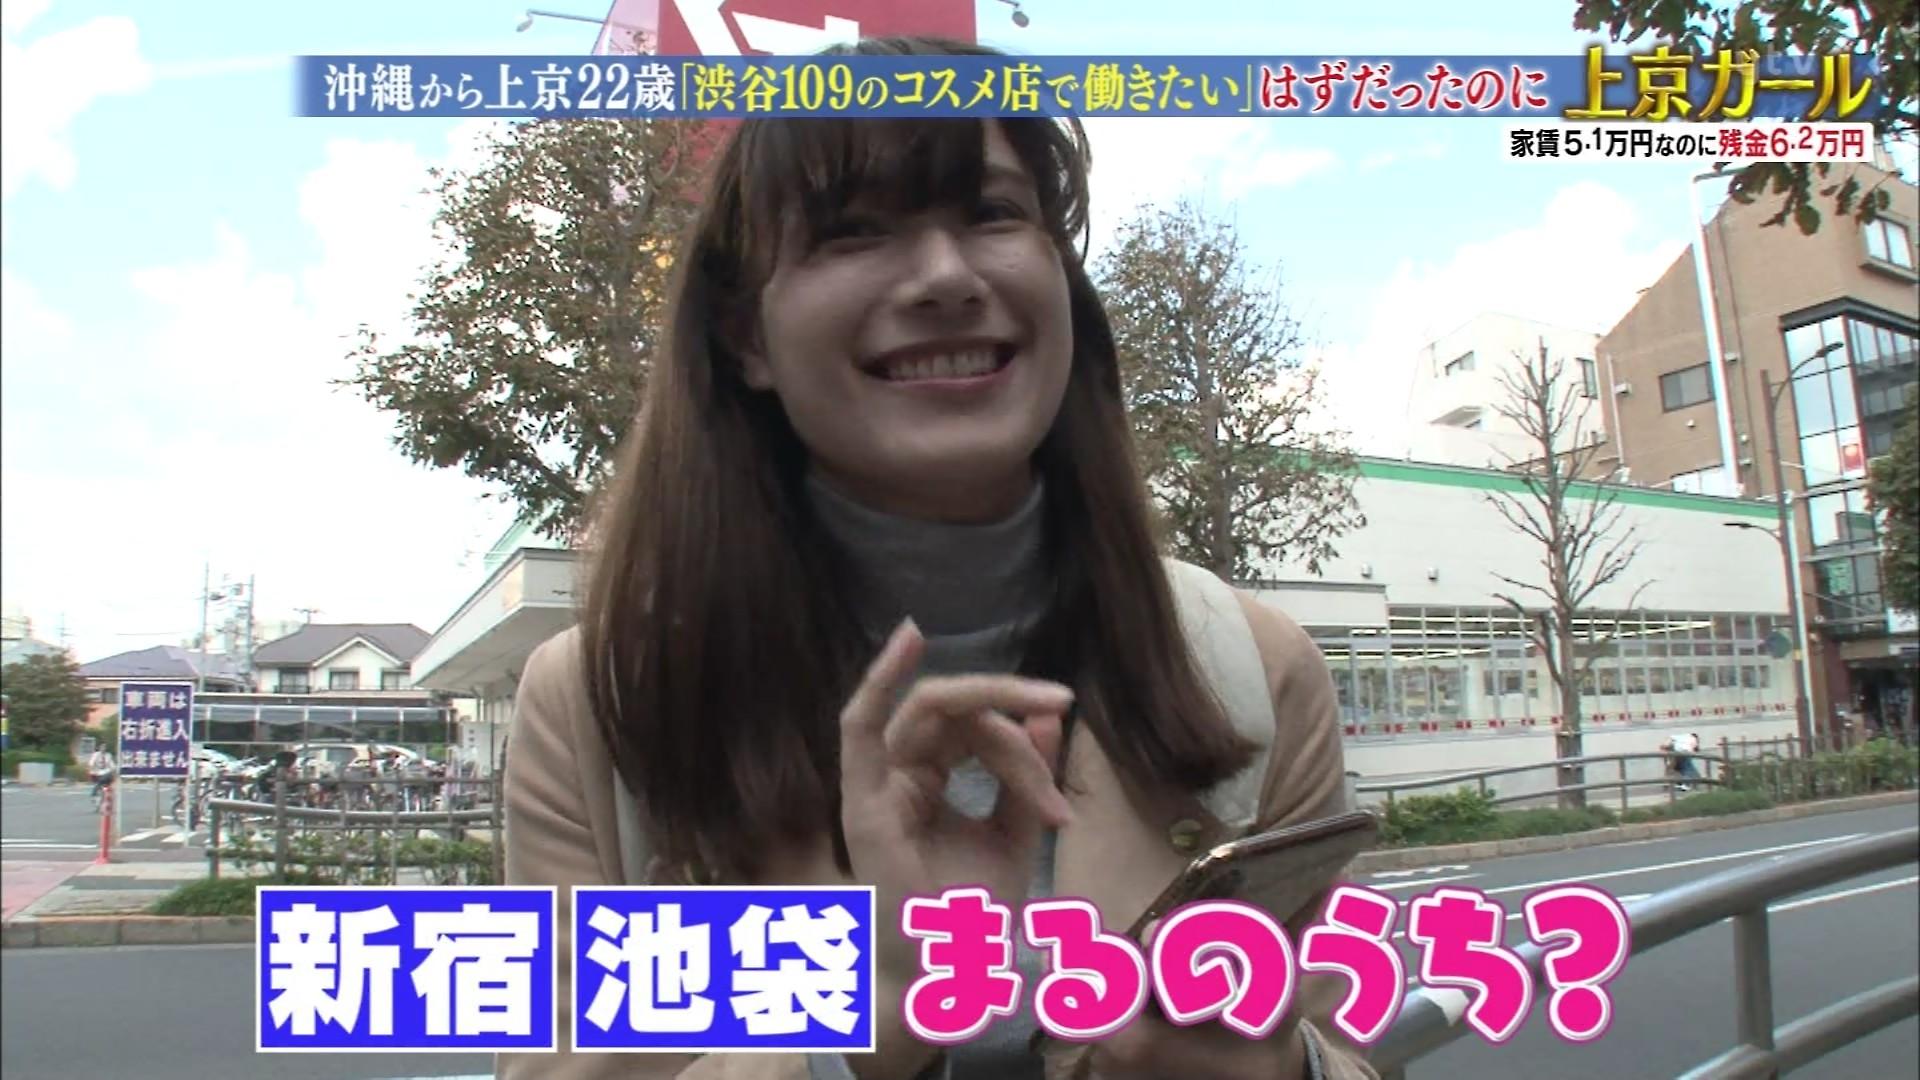 2018年11月28日・日本テレビ「幸せ!ボンビーガール」の上京ガールテレビキャプチャー画像-042